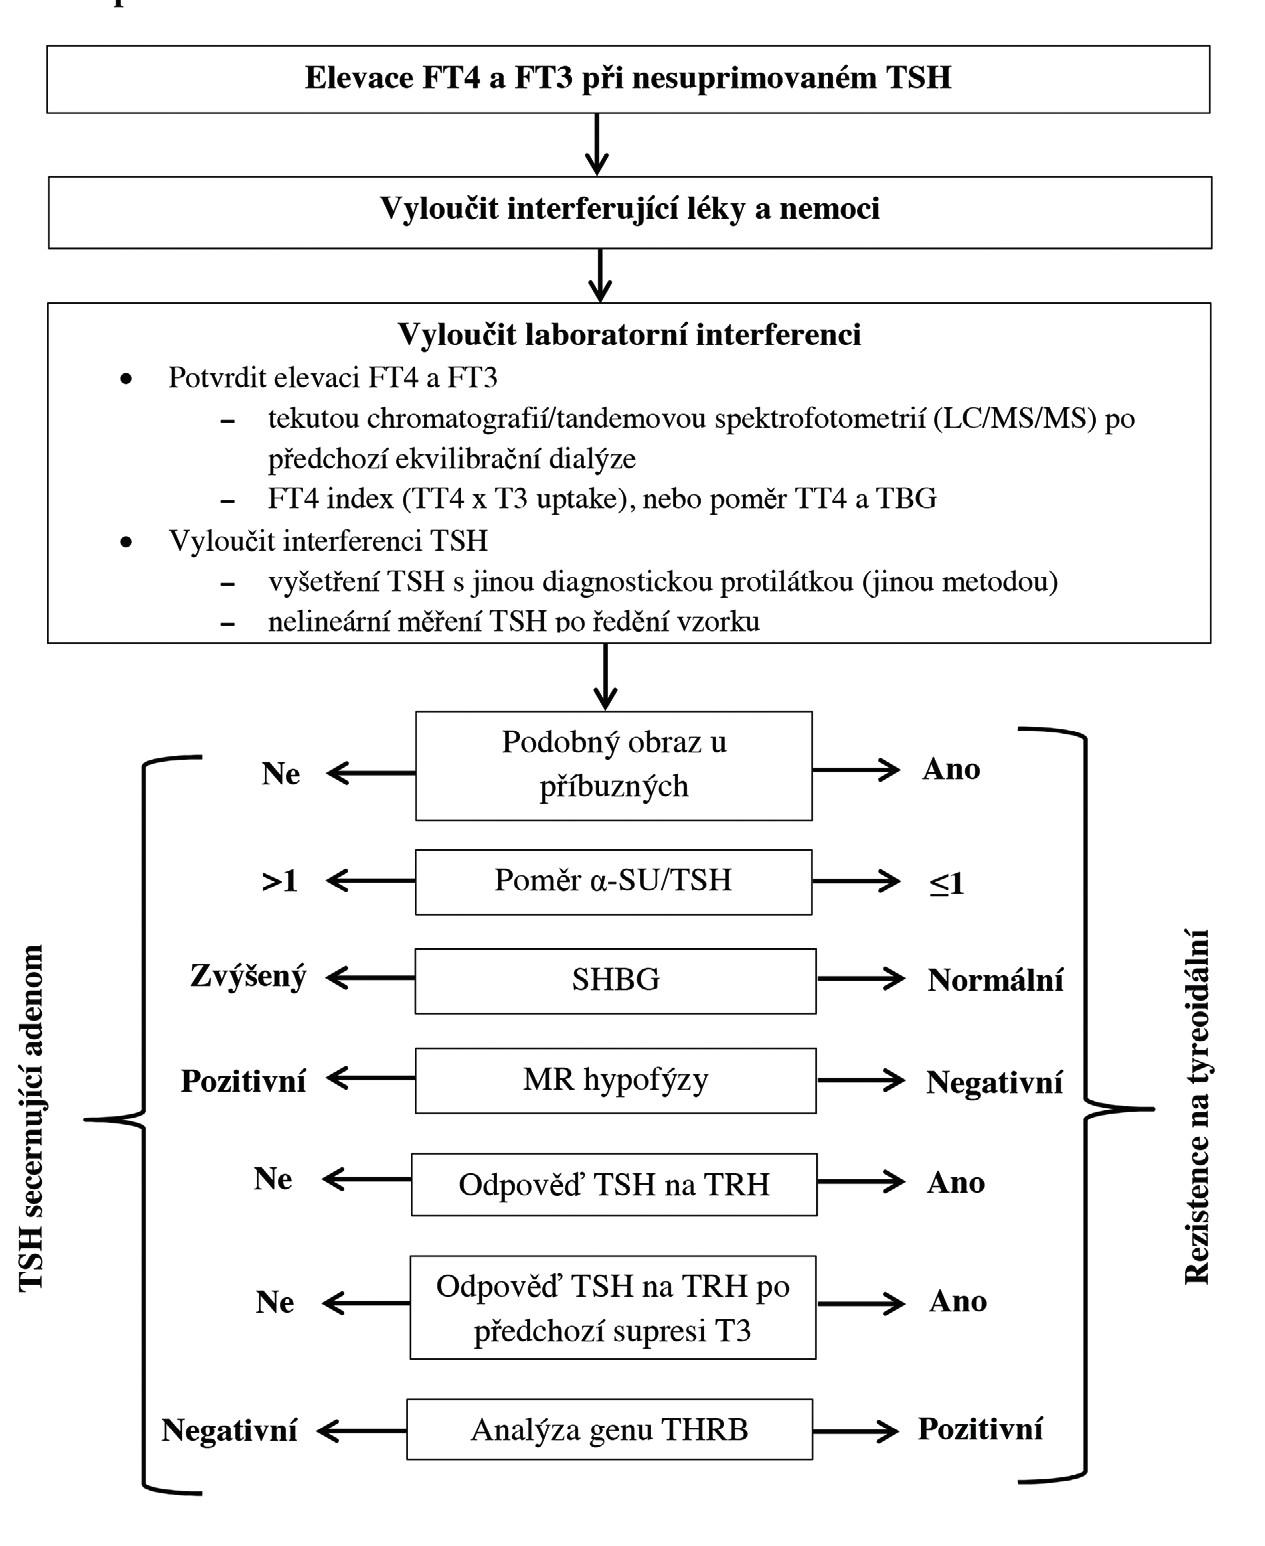 Diagnostický postup při nálezu elevace tyreoidálních hormonů při nesuprimovaném TSH (upraveno podle 3) TSH – tyreoidální stimulační hormon, FT4 – volný tyroxin, FT3 – volný trijodtyronin, TT4 – celkový tyroxin, T3 – trijodtyronin, TBG – tyroxin vázající globulin, α-SU – alfa podjednotka TSH a gonadotropinů, SHGB – pohlavní hormony vázající globulin, MR – magnetická rezonance, TRH – tyreoliberin, THRB – gen pro beta tyreoidální receptor